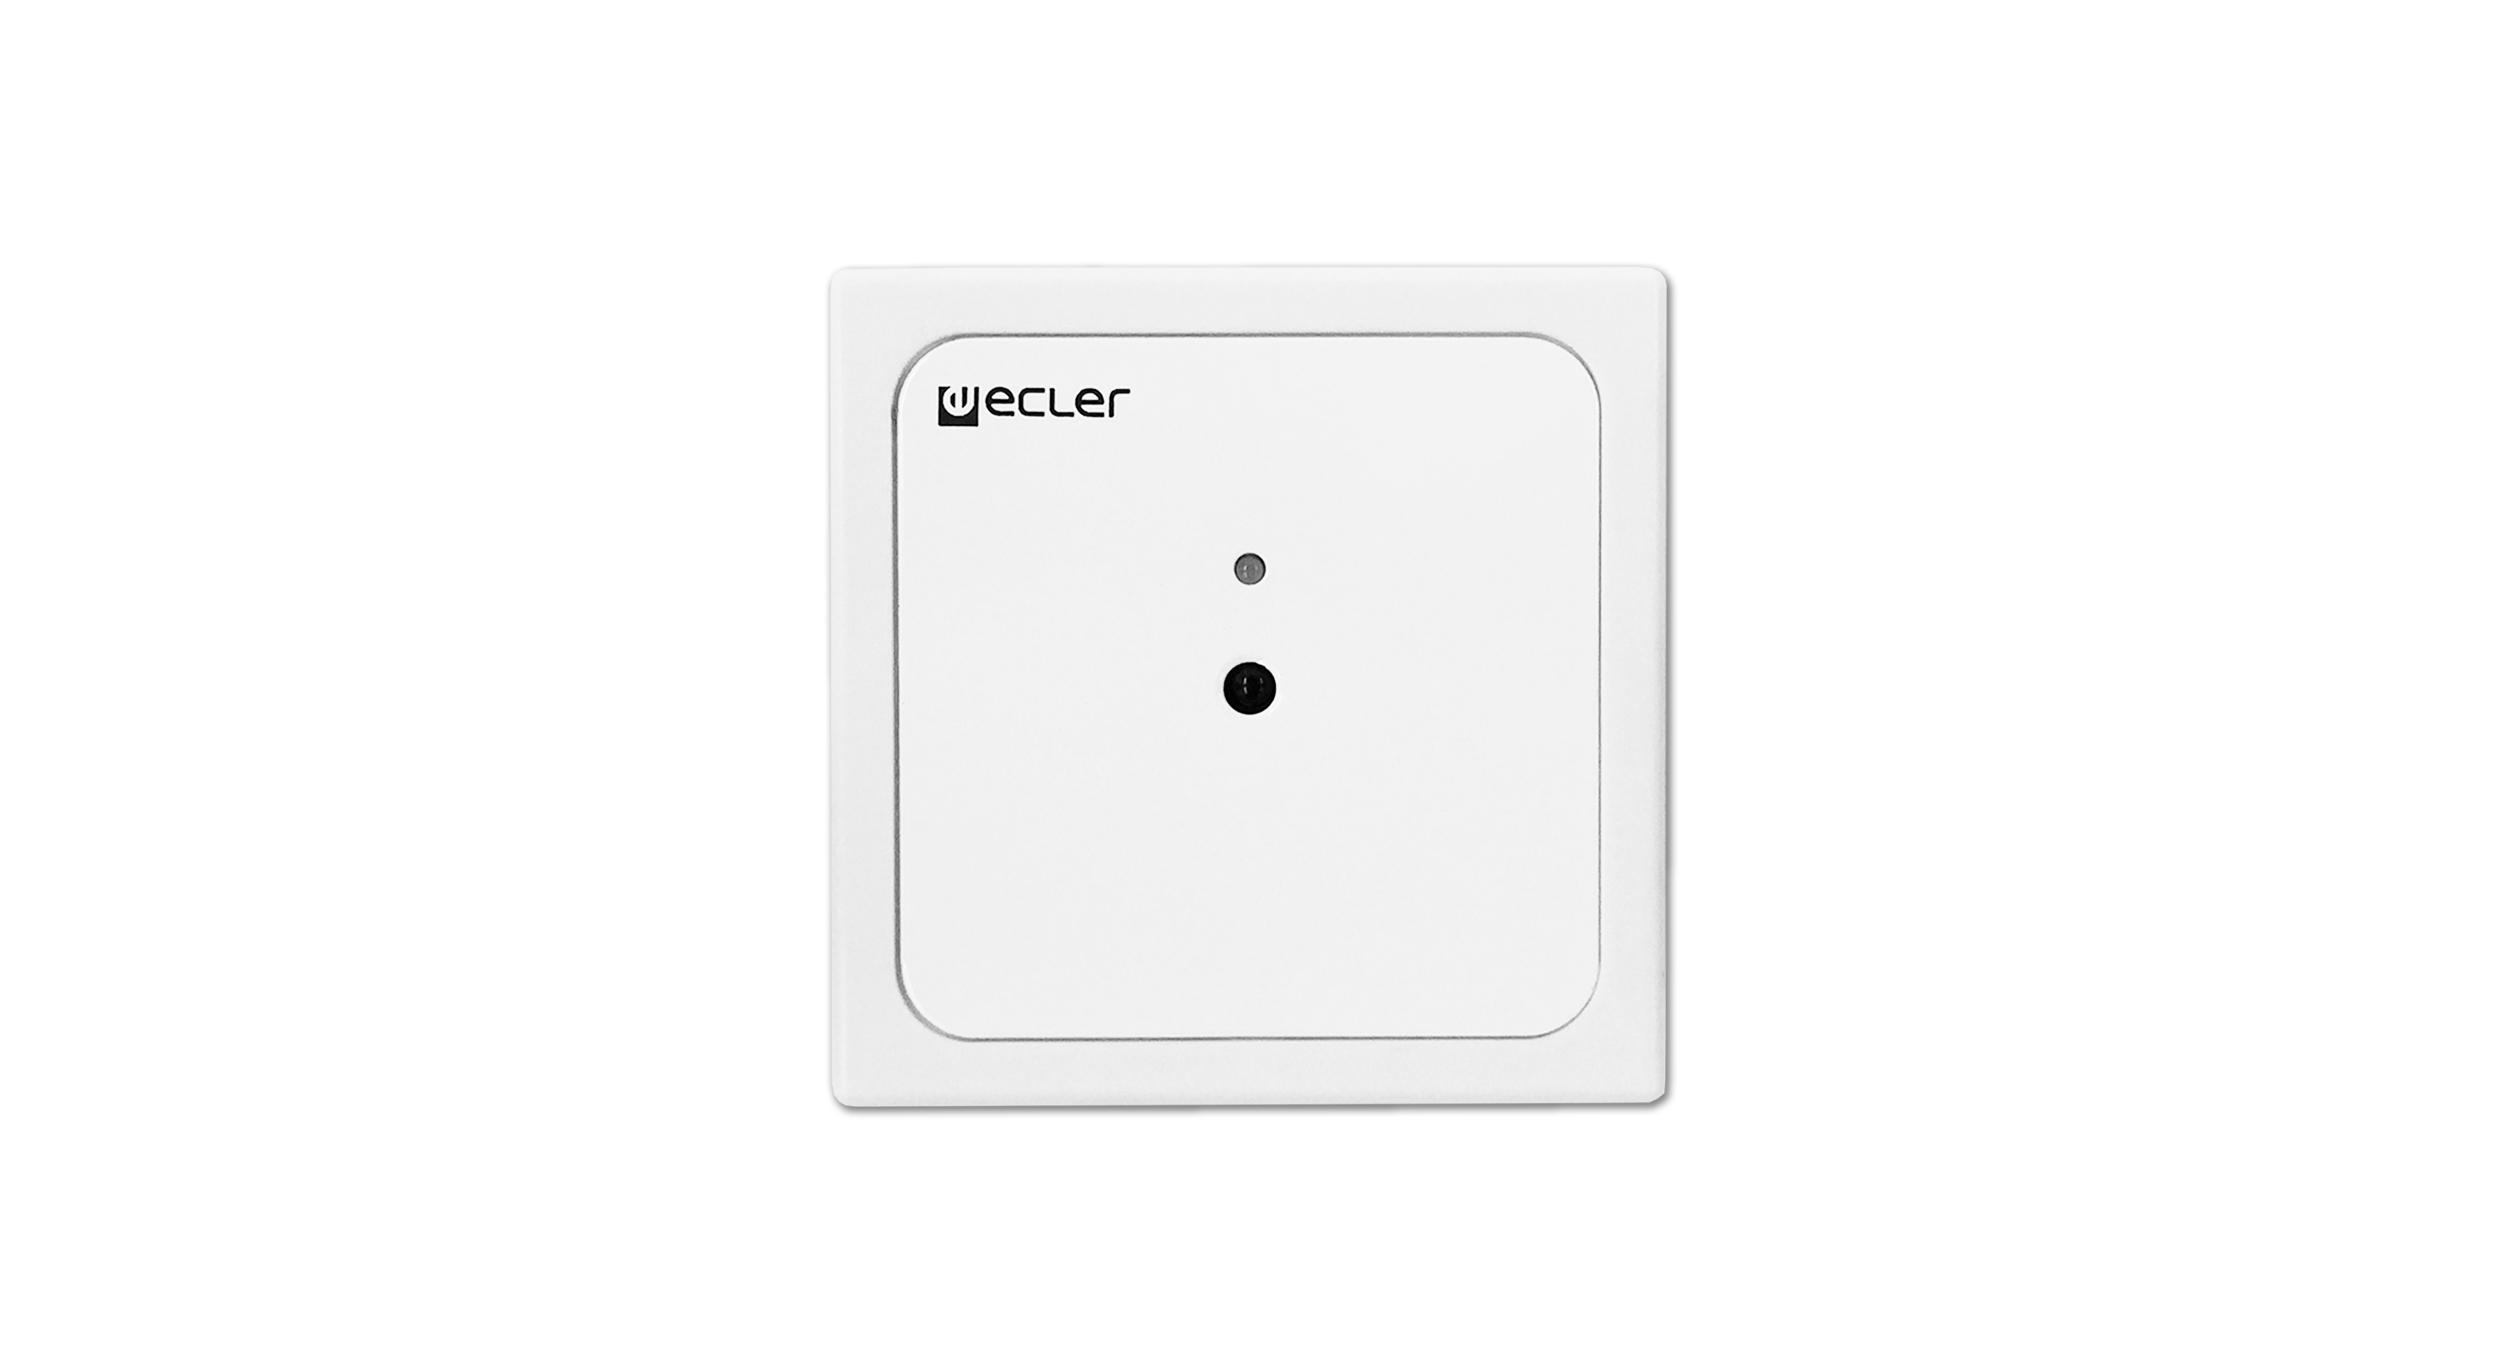 Ecler Wpmvol Ir Wall Panel Infrared Control Kit Ir To 0 10